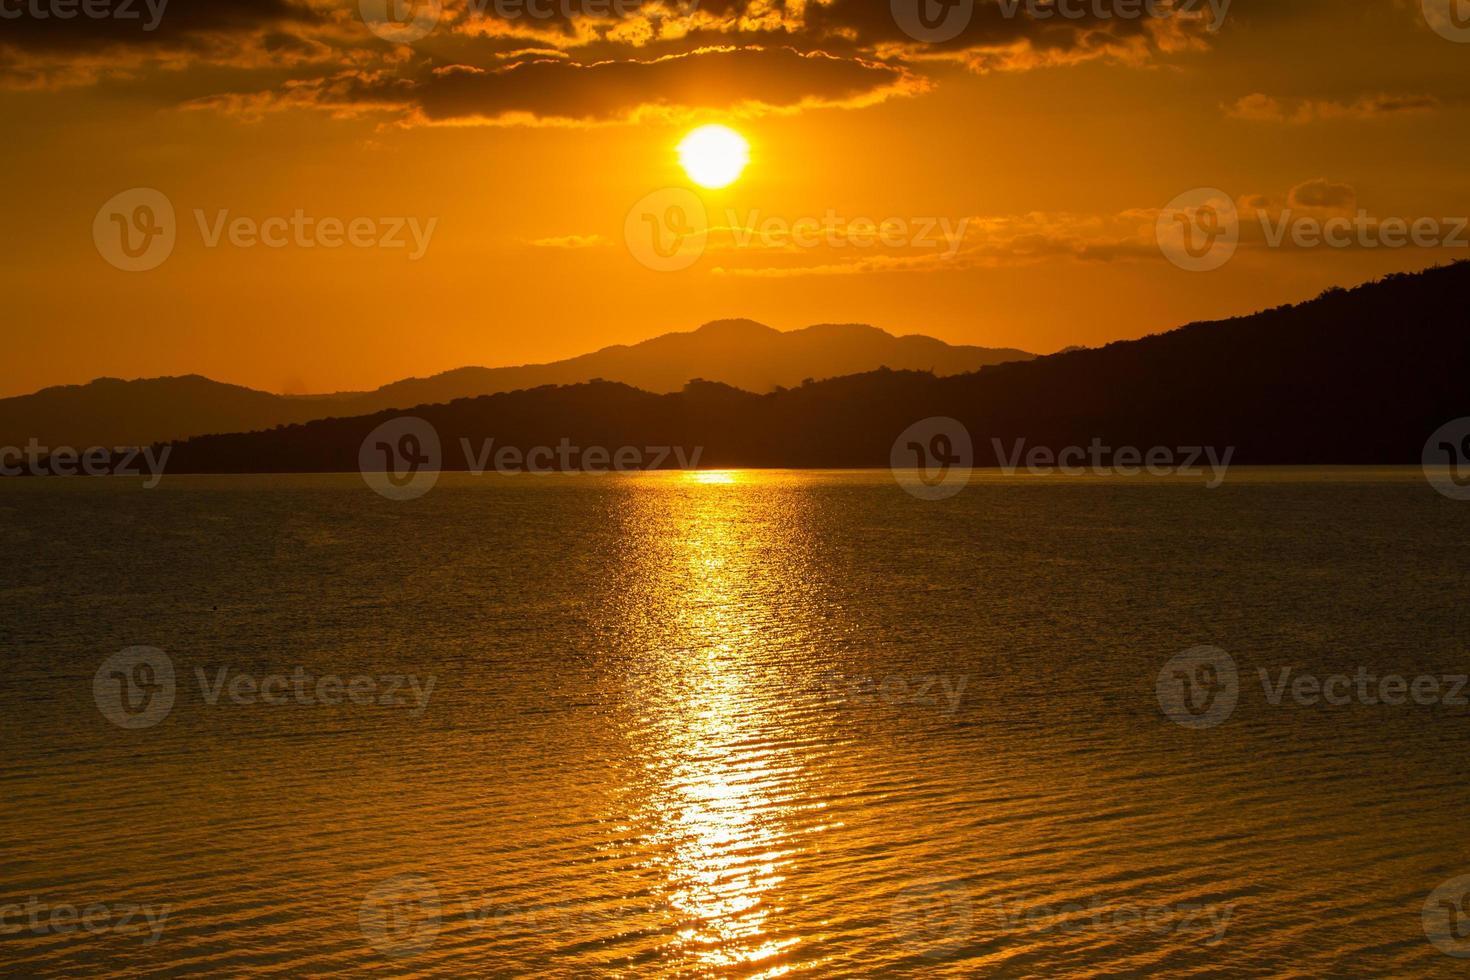 tramonto arancione sull'oceano e sulle montagne foto